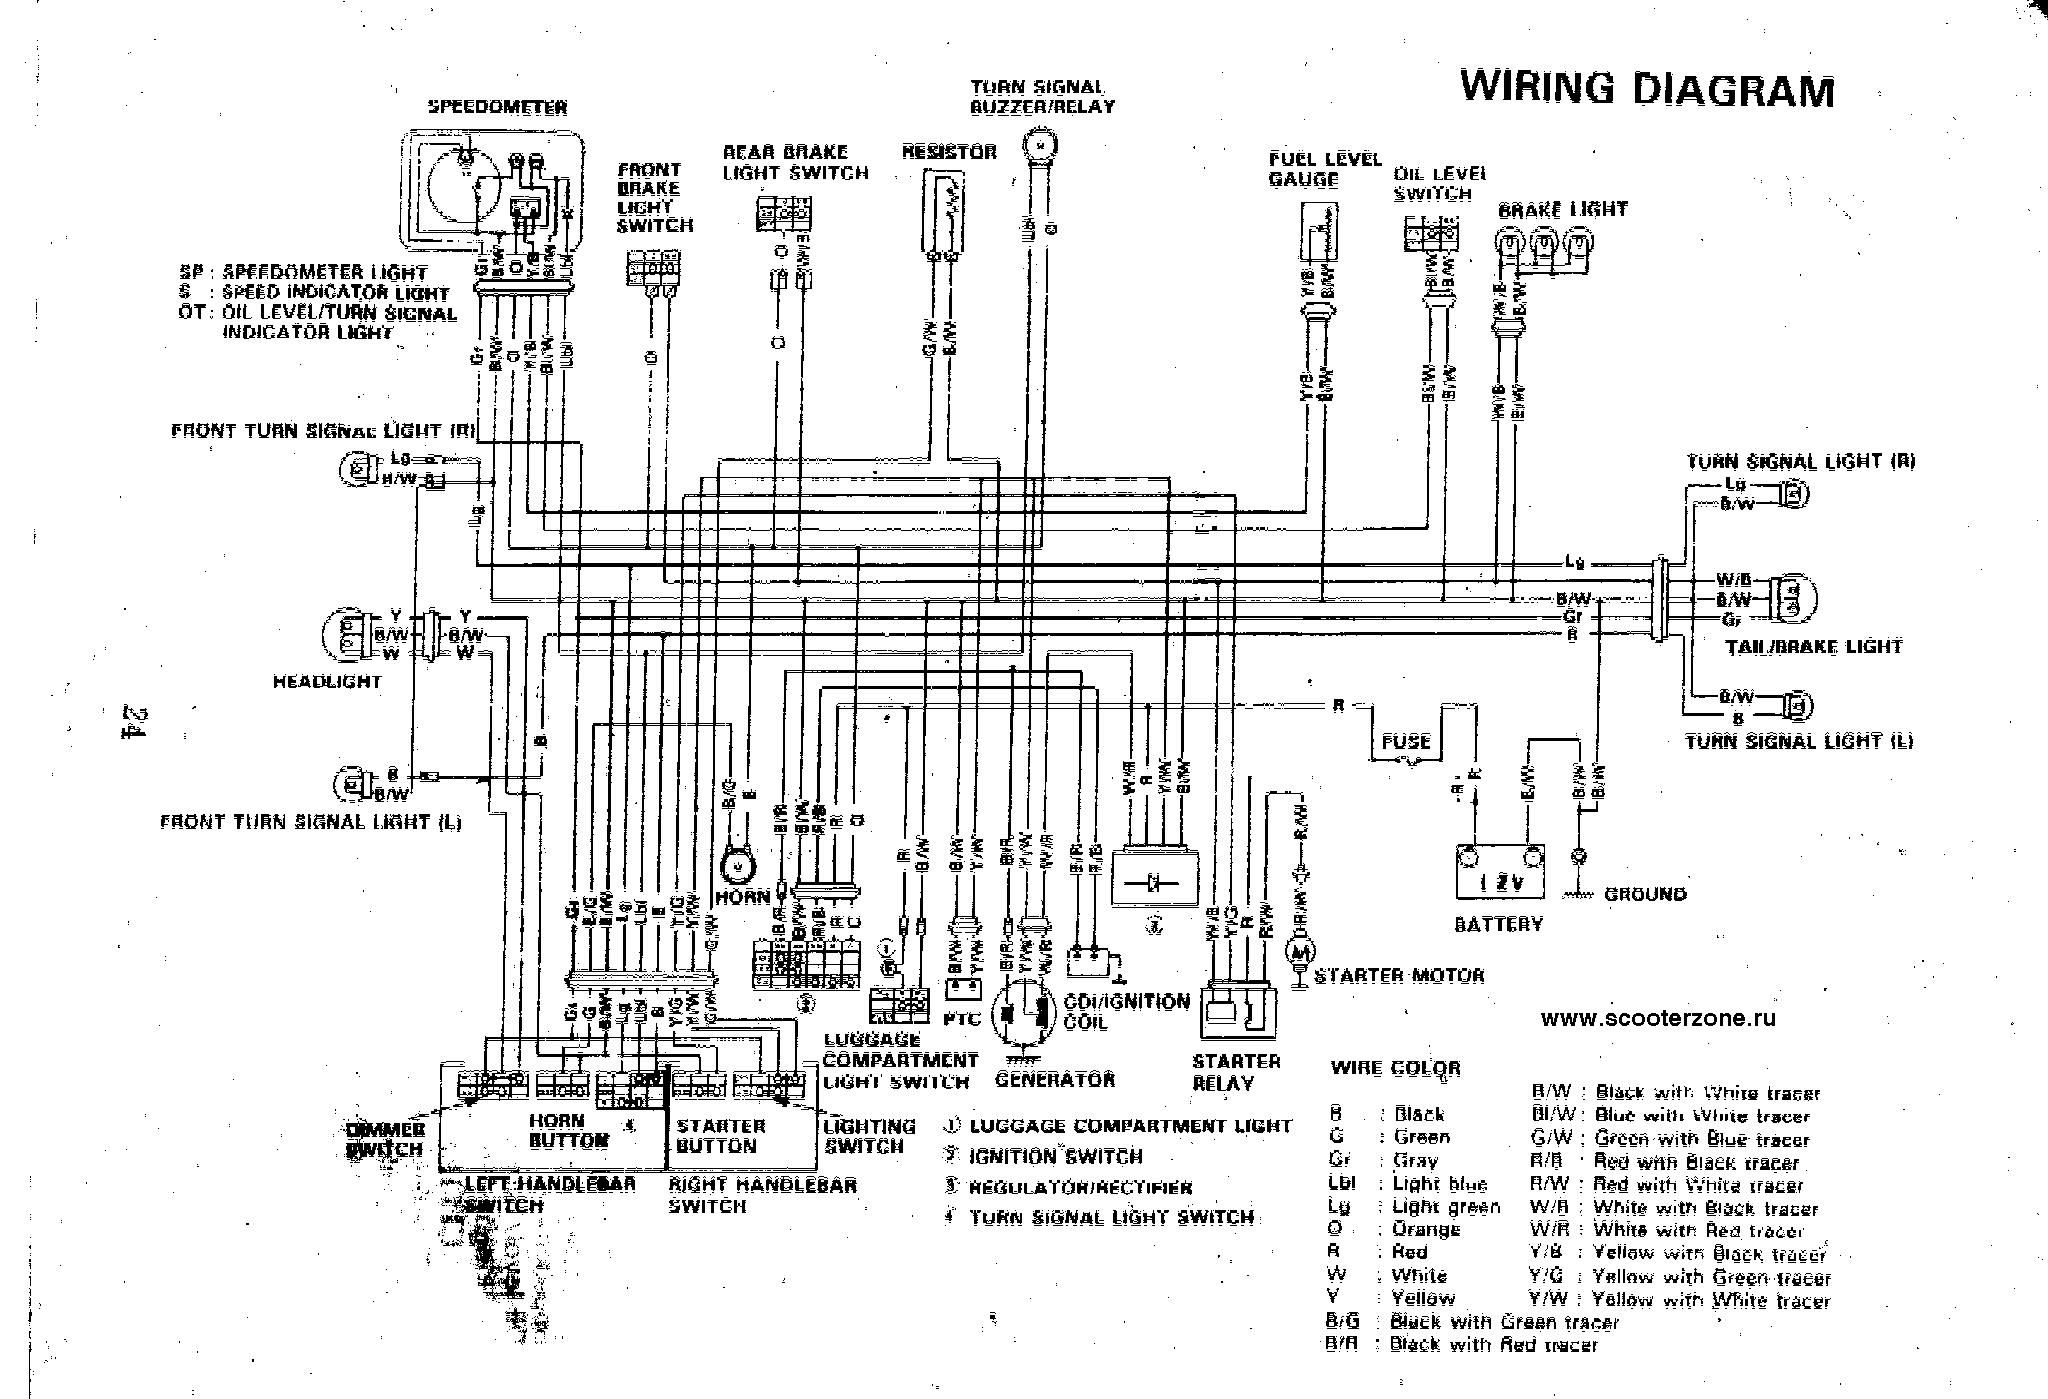 2008 150hp Suzuki Wiring Schematics - Wiring Diagram Recent fold-grand -  fold-grand.cosavedereanapoli.it | 2008 150hp Suzuki Wiring Schematics |  | fold-grand.cosavedereanapoli.it